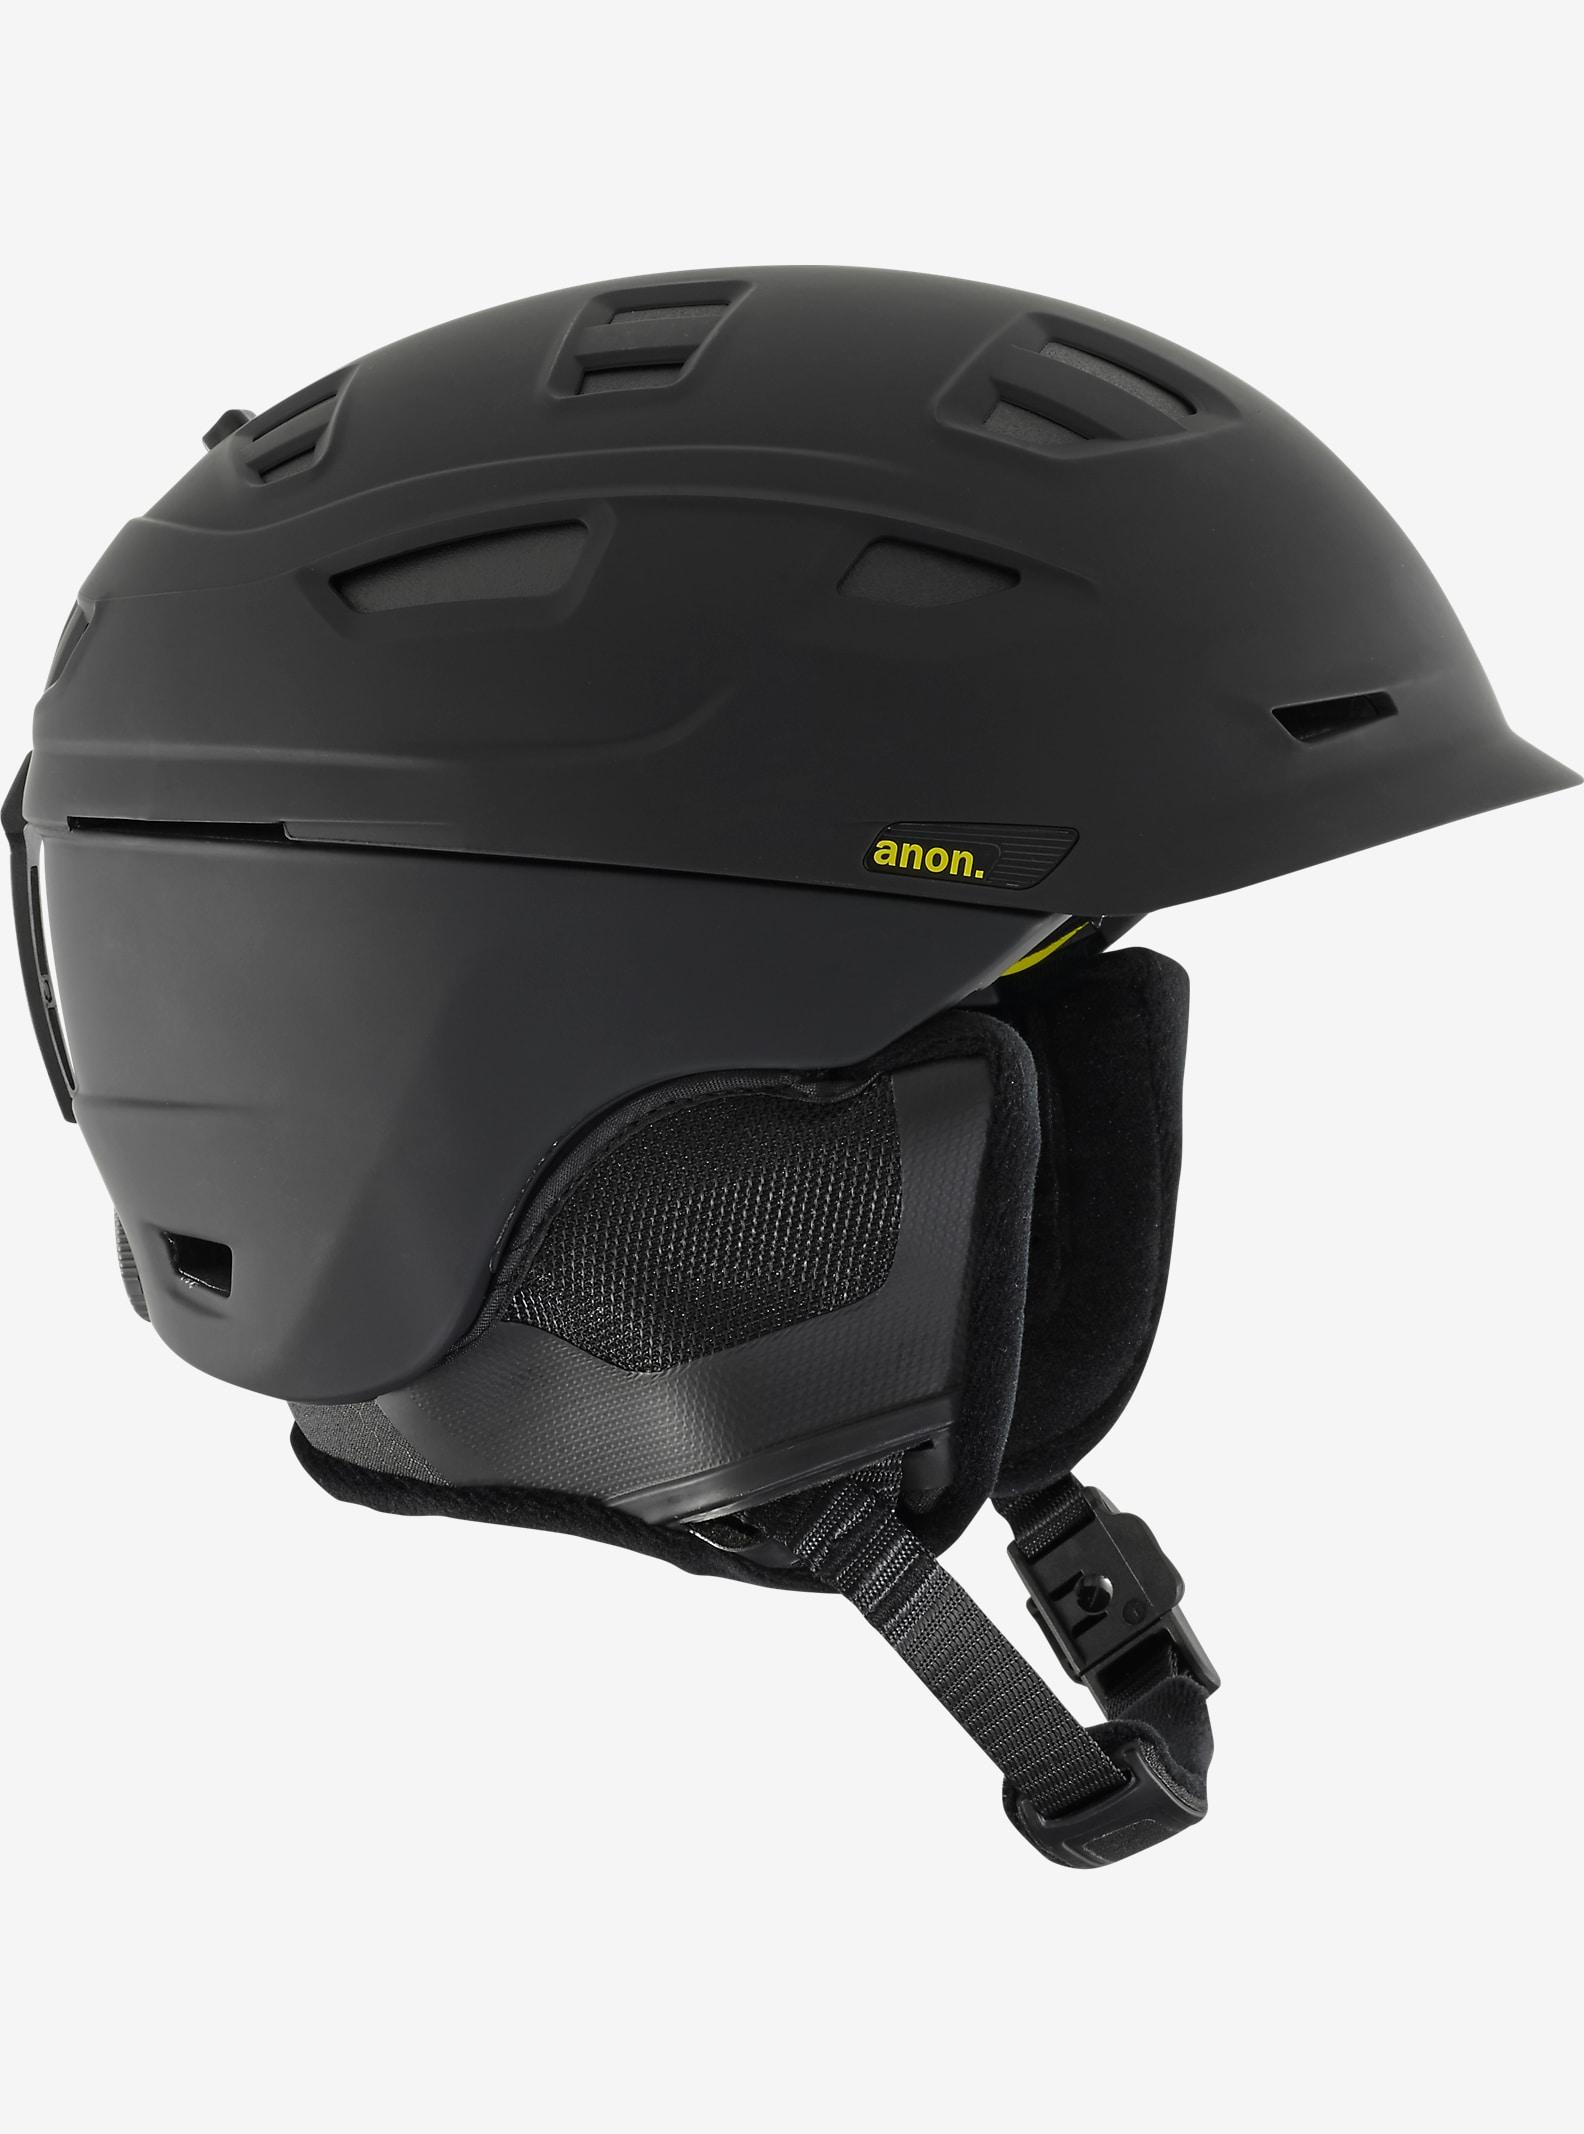 anon. Prime Helmet shown in Black